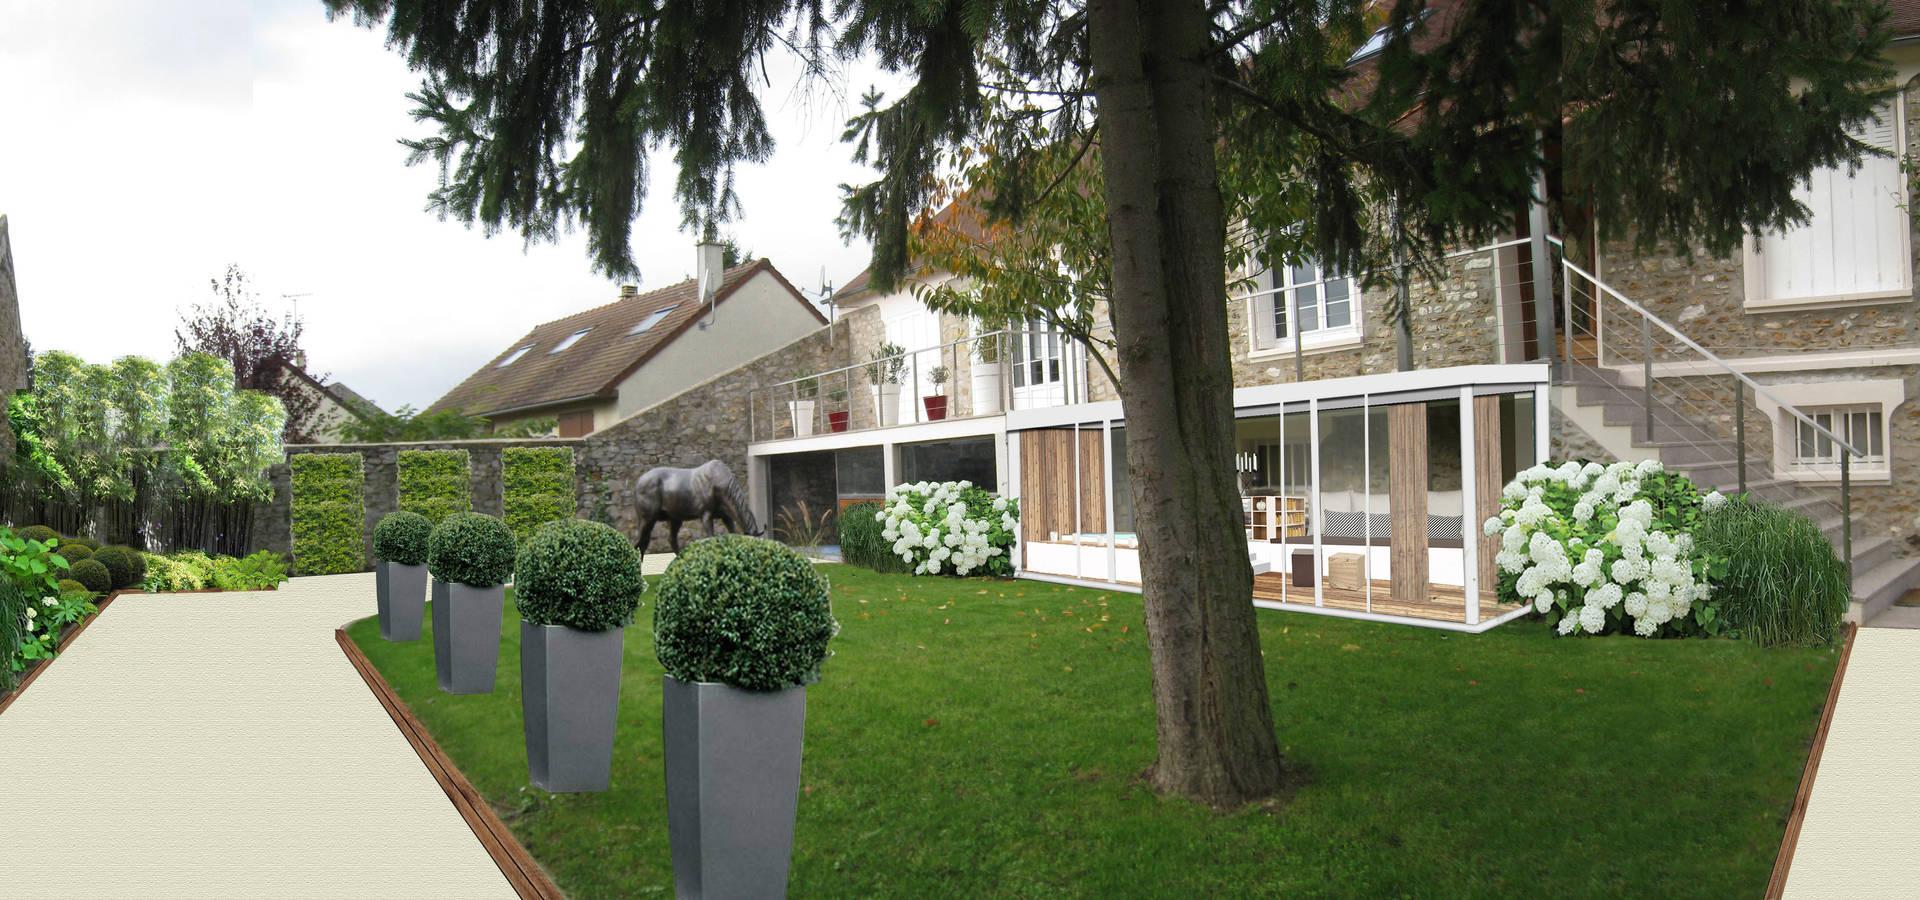 Jardin de campagne en essonne 91 de sophie coulon for Paysagiste essonne